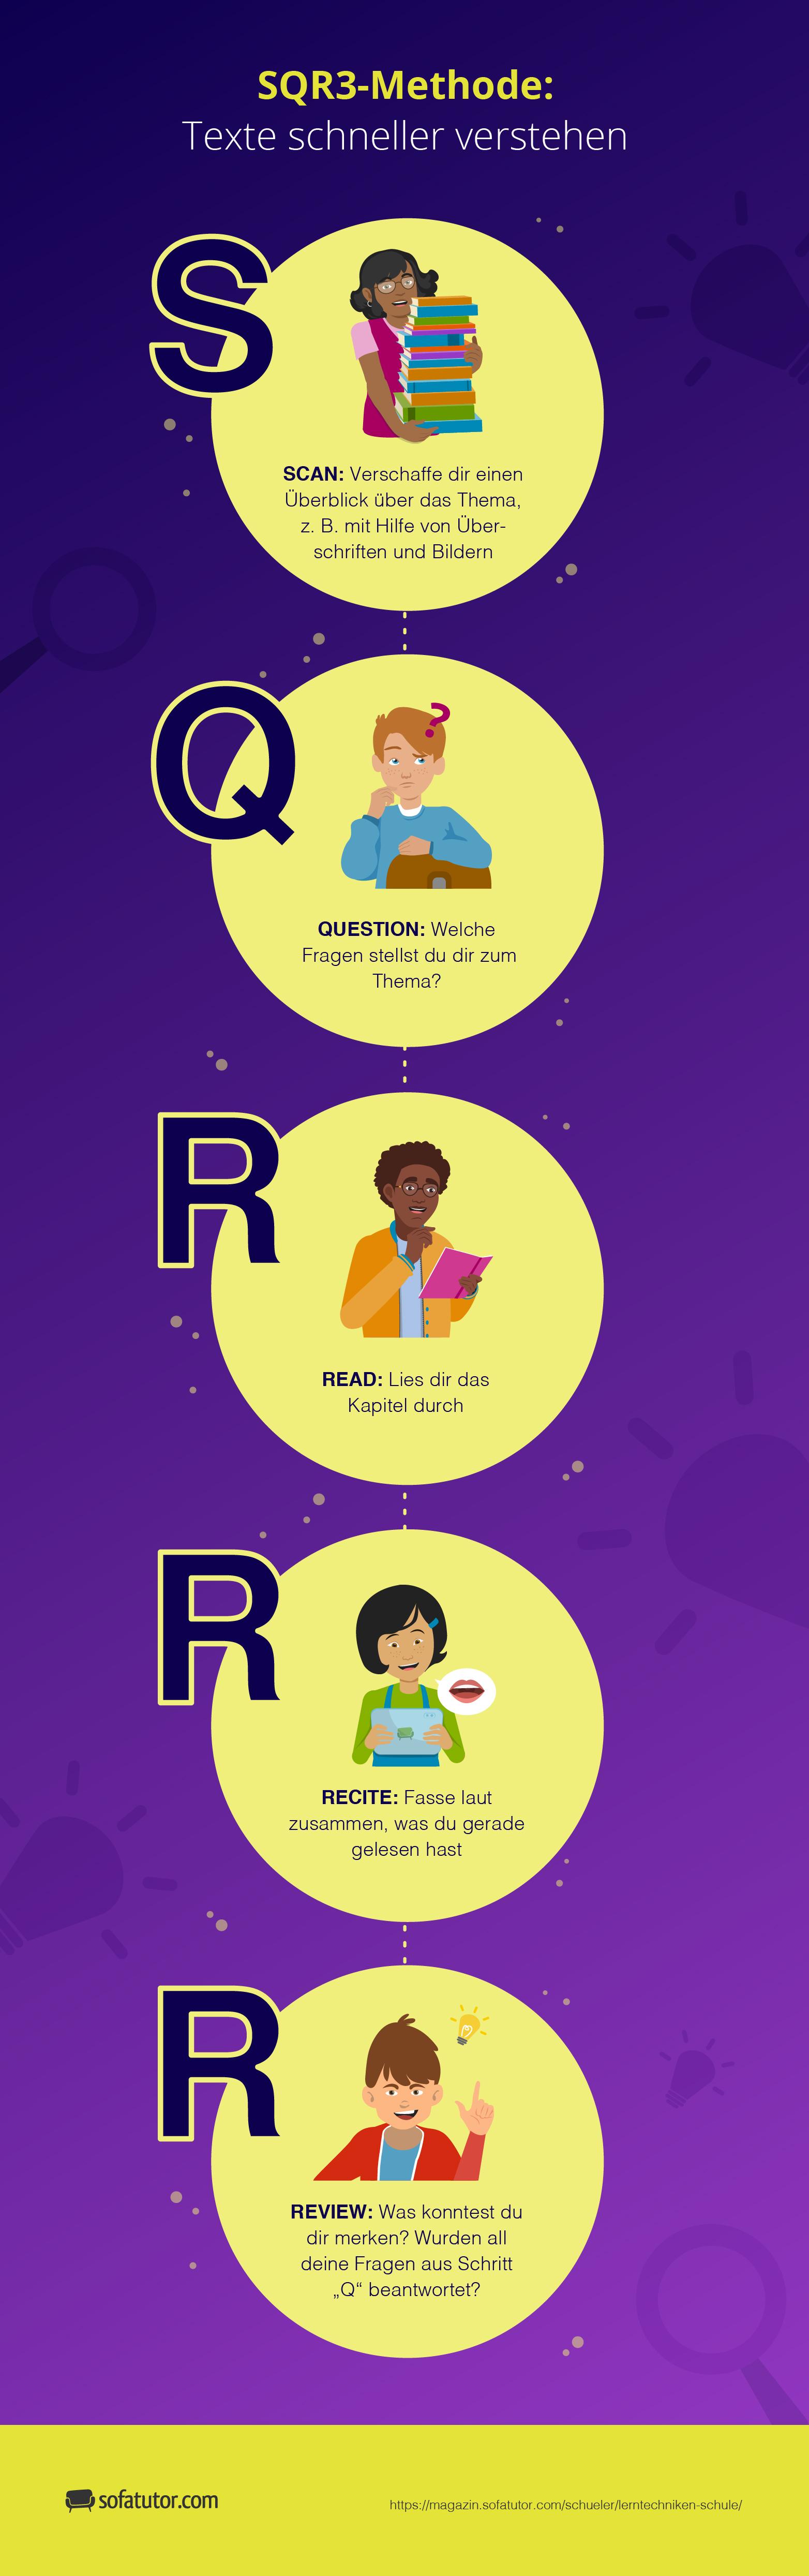 SQR3 Methode Infografik Uebersicht Lerntechniken